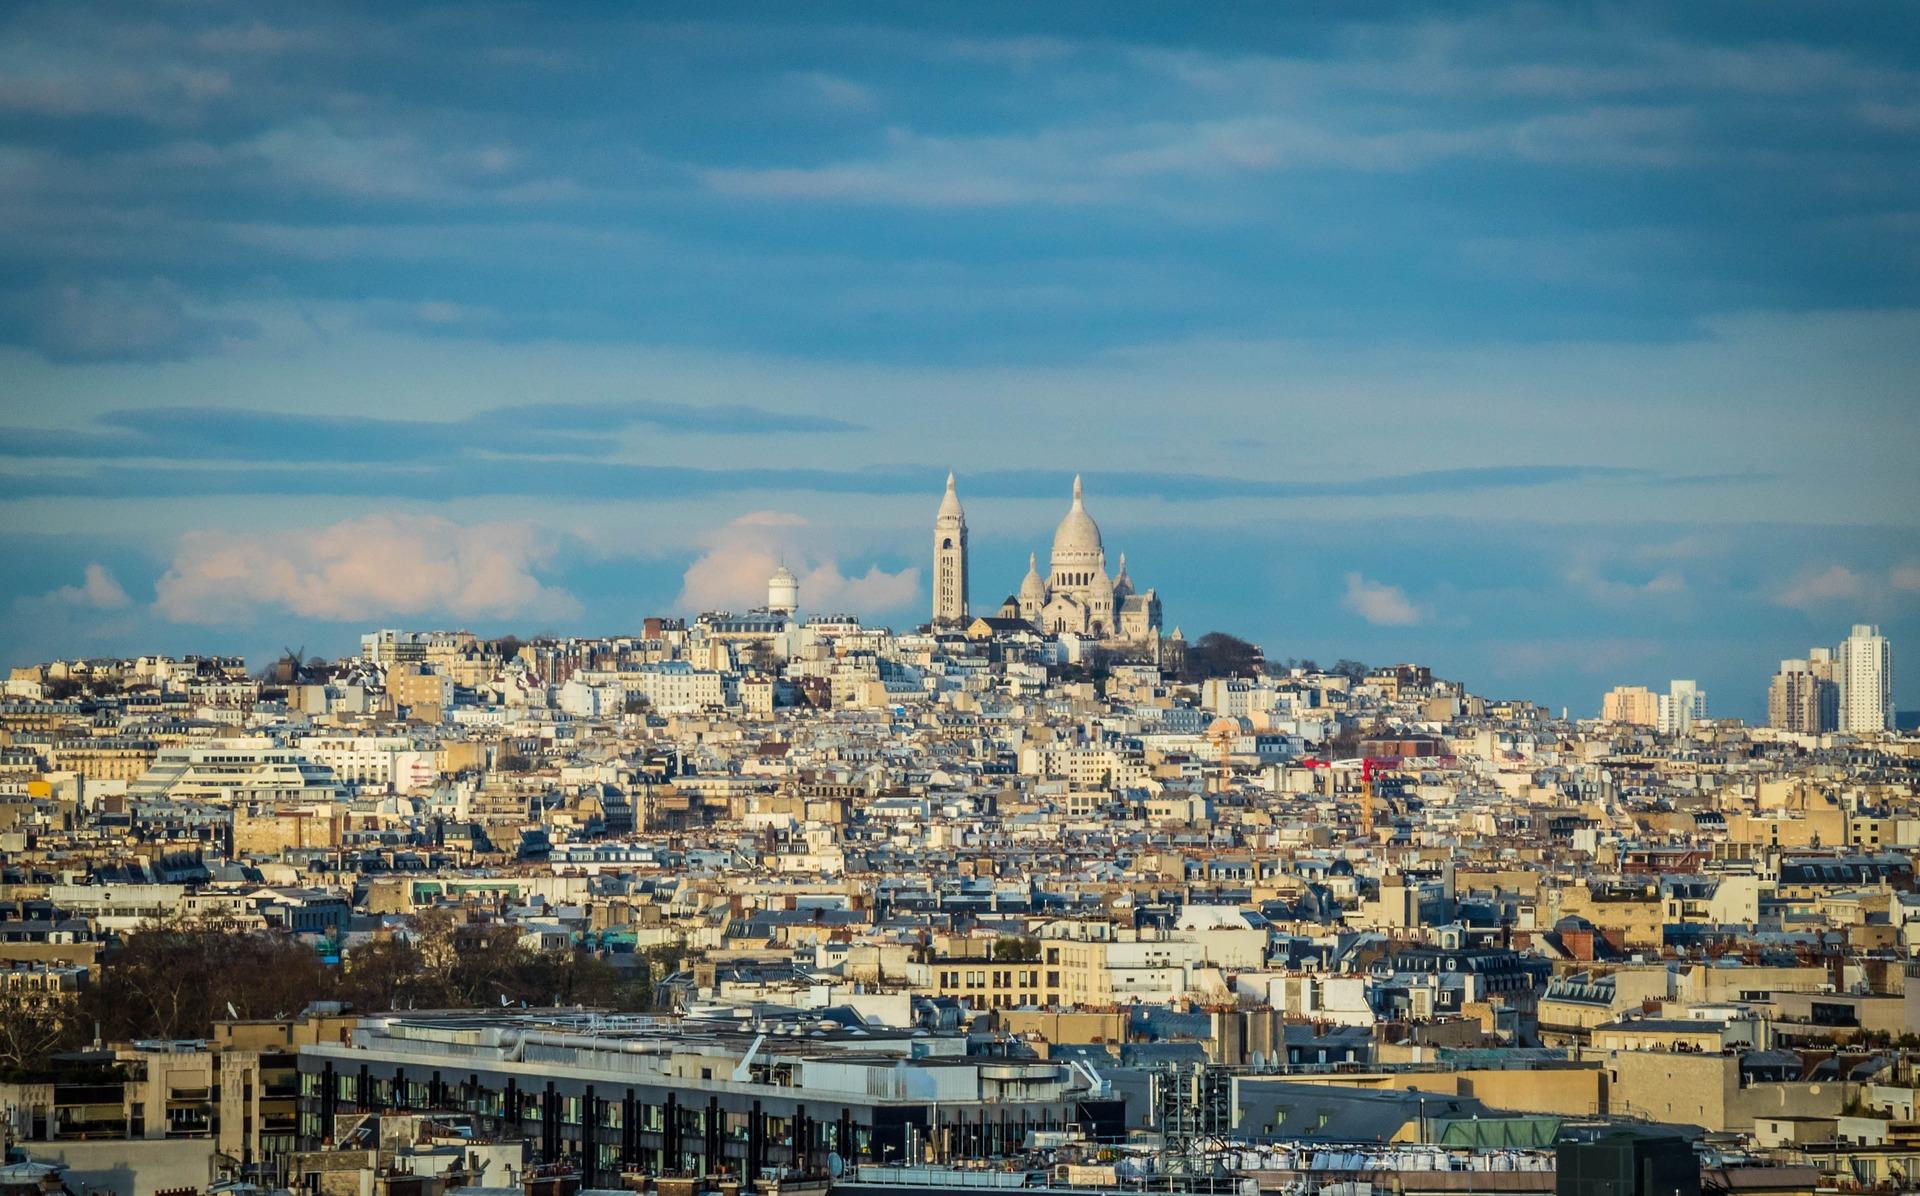 Sacré-Coeur Basilica at Montmartre seen on the Paris skyline